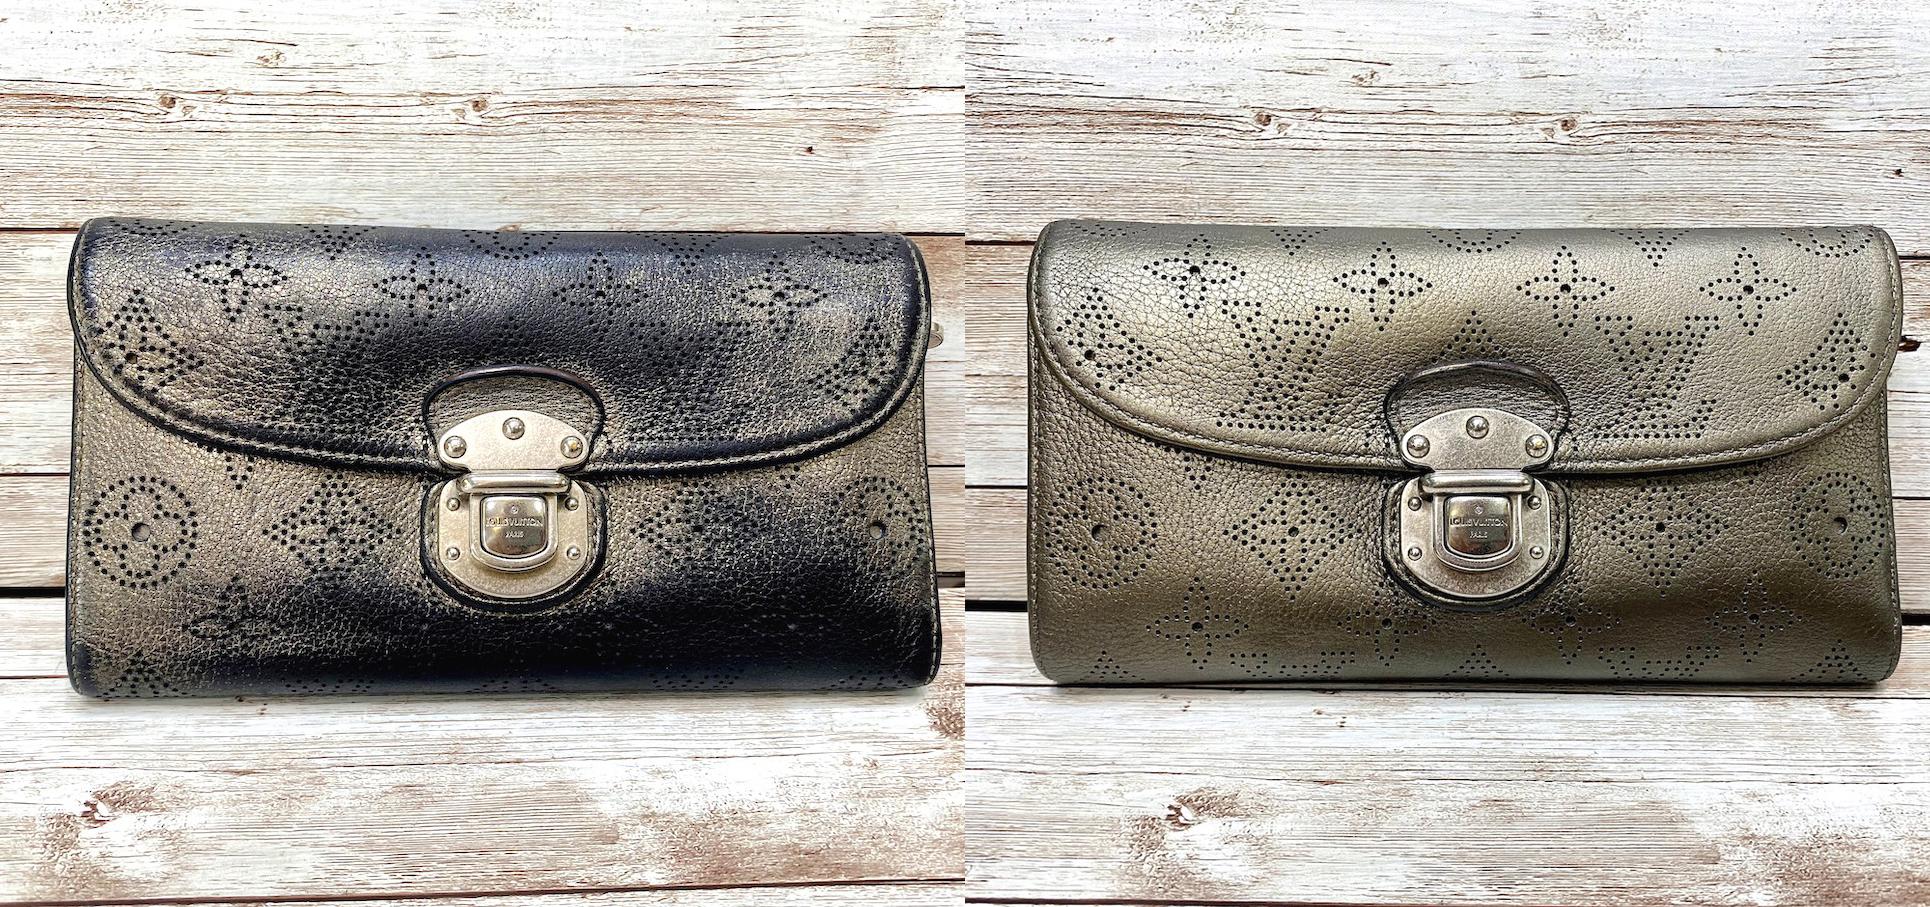 ルイヴィトン(Louis vuitton)の財布の色補修をご紹介